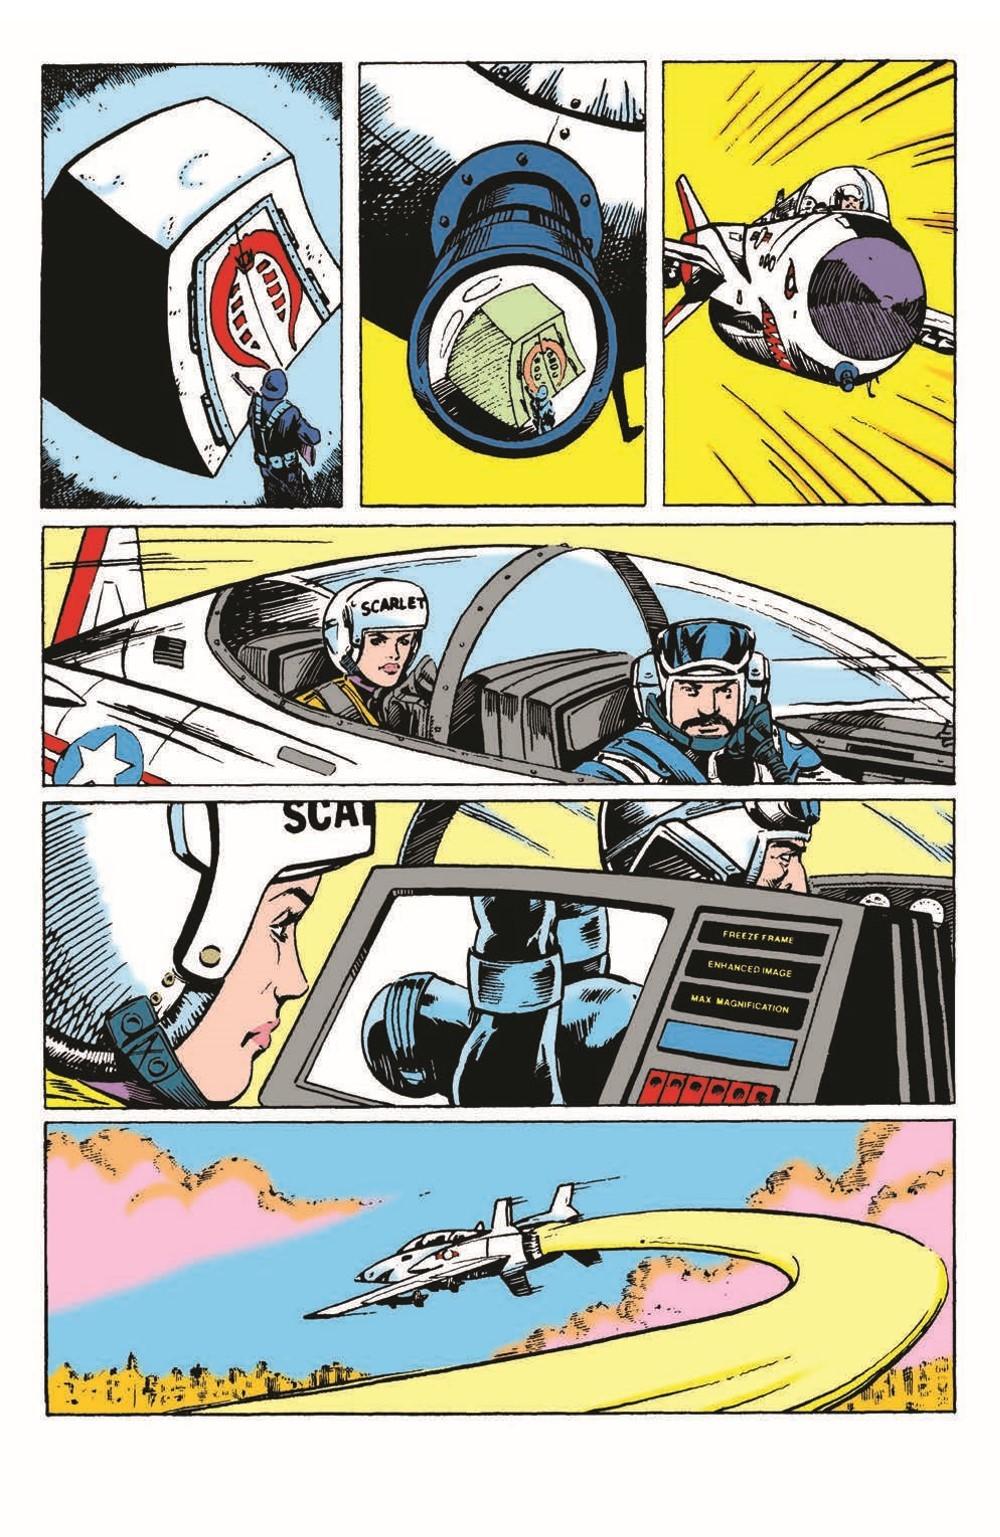 GIJoeRAH_Yearbook03-pr-5 ComicList Previews: G.I. JOE A REAL AMERICAN HERO YEARBOOK #3